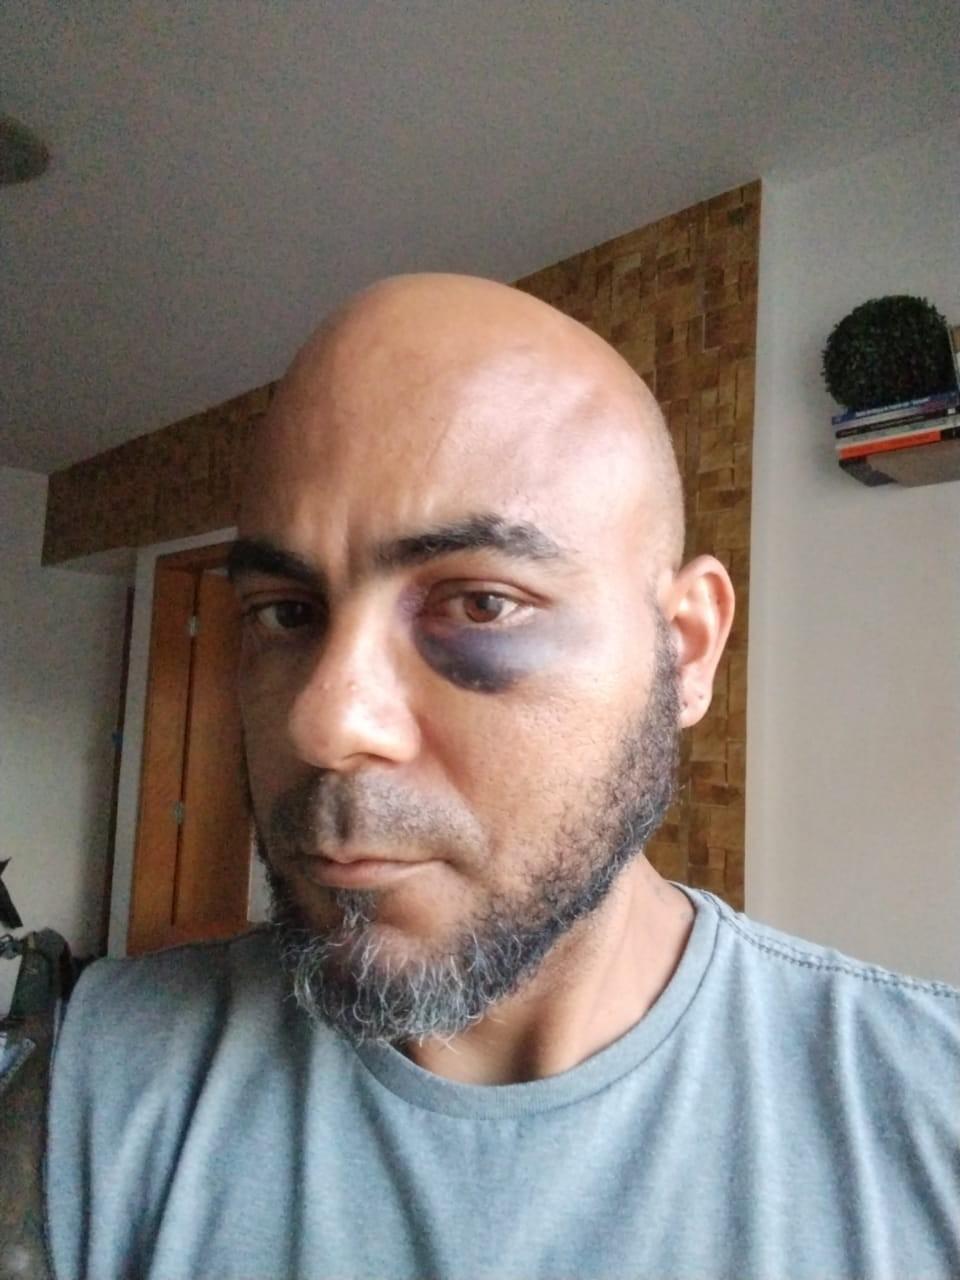 Confusão por uso de máscara no metrô termina com homem agredido no DF